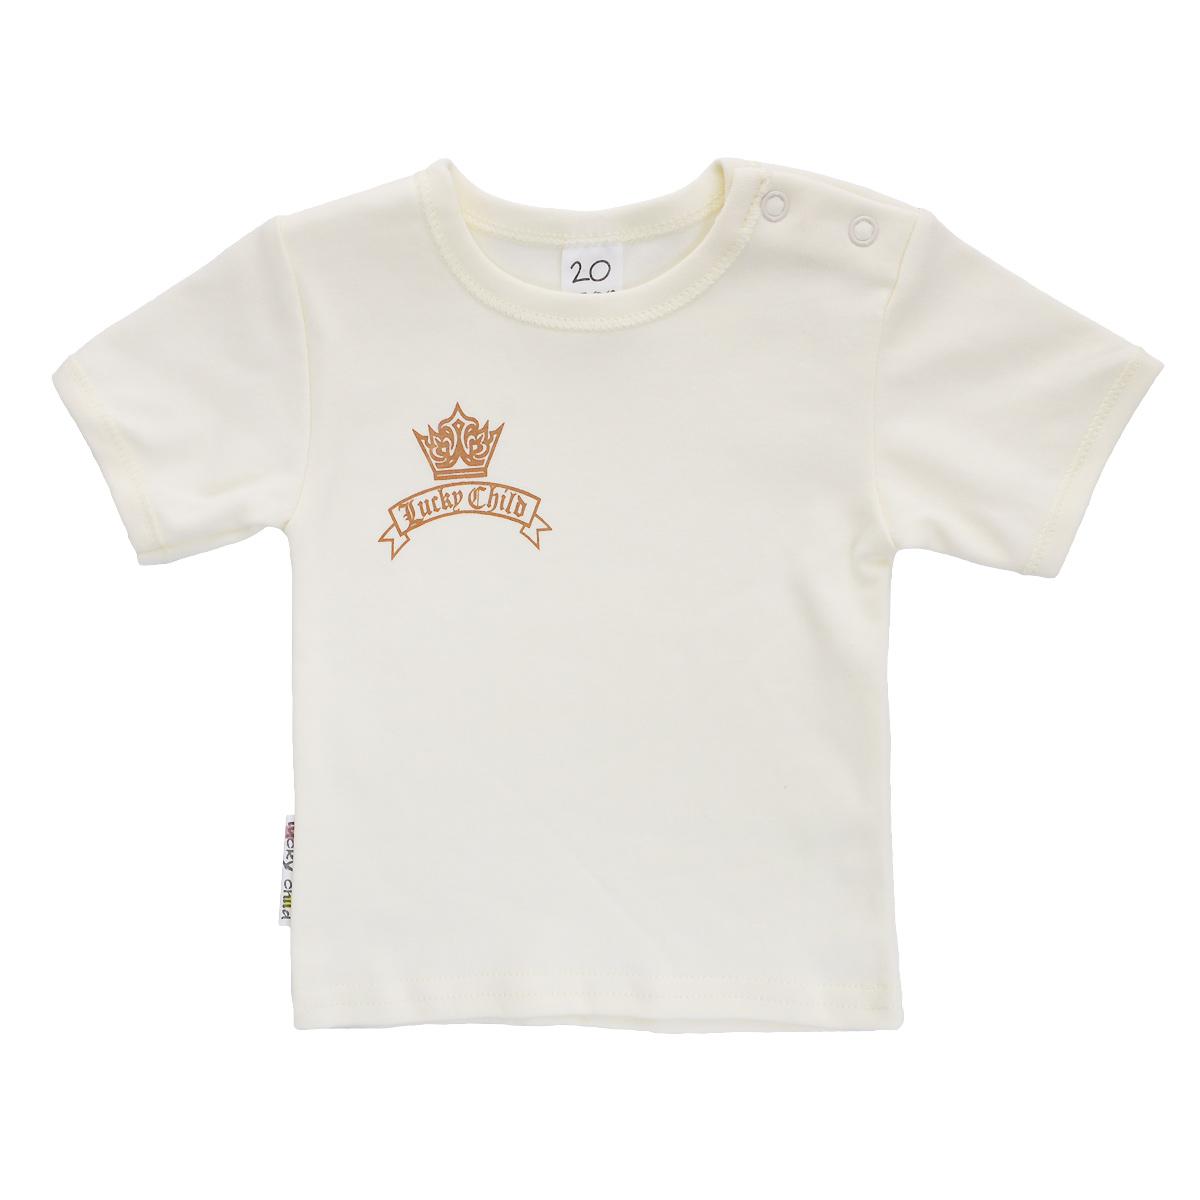 Футболка для мальчика. 6-26МК6-26Футболка для мальчика Lucky Child отлично подойдет вашему малышу и станет прекрасным дополнением к детскому гардеробу. Изготовленная из натурального хлопка, она мягкая и приятная на ощупь, не сковывает движения и позволяет коже дышать, не раздражает даже самую нежную и чувствительную кожу ребенка, обеспечивая наибольший комфорт. Футболка с круглым вырезом горловины и короткими рукавами имеет застежки-кнопки по плечевому шву, что позволяет легко переодеть ребенка. На груди модель оформлена принтом с названием бренда. В такой футболке ваш ребенок будет чувствовать себя уютно и комфортно, и всегда будет в центре внимания!